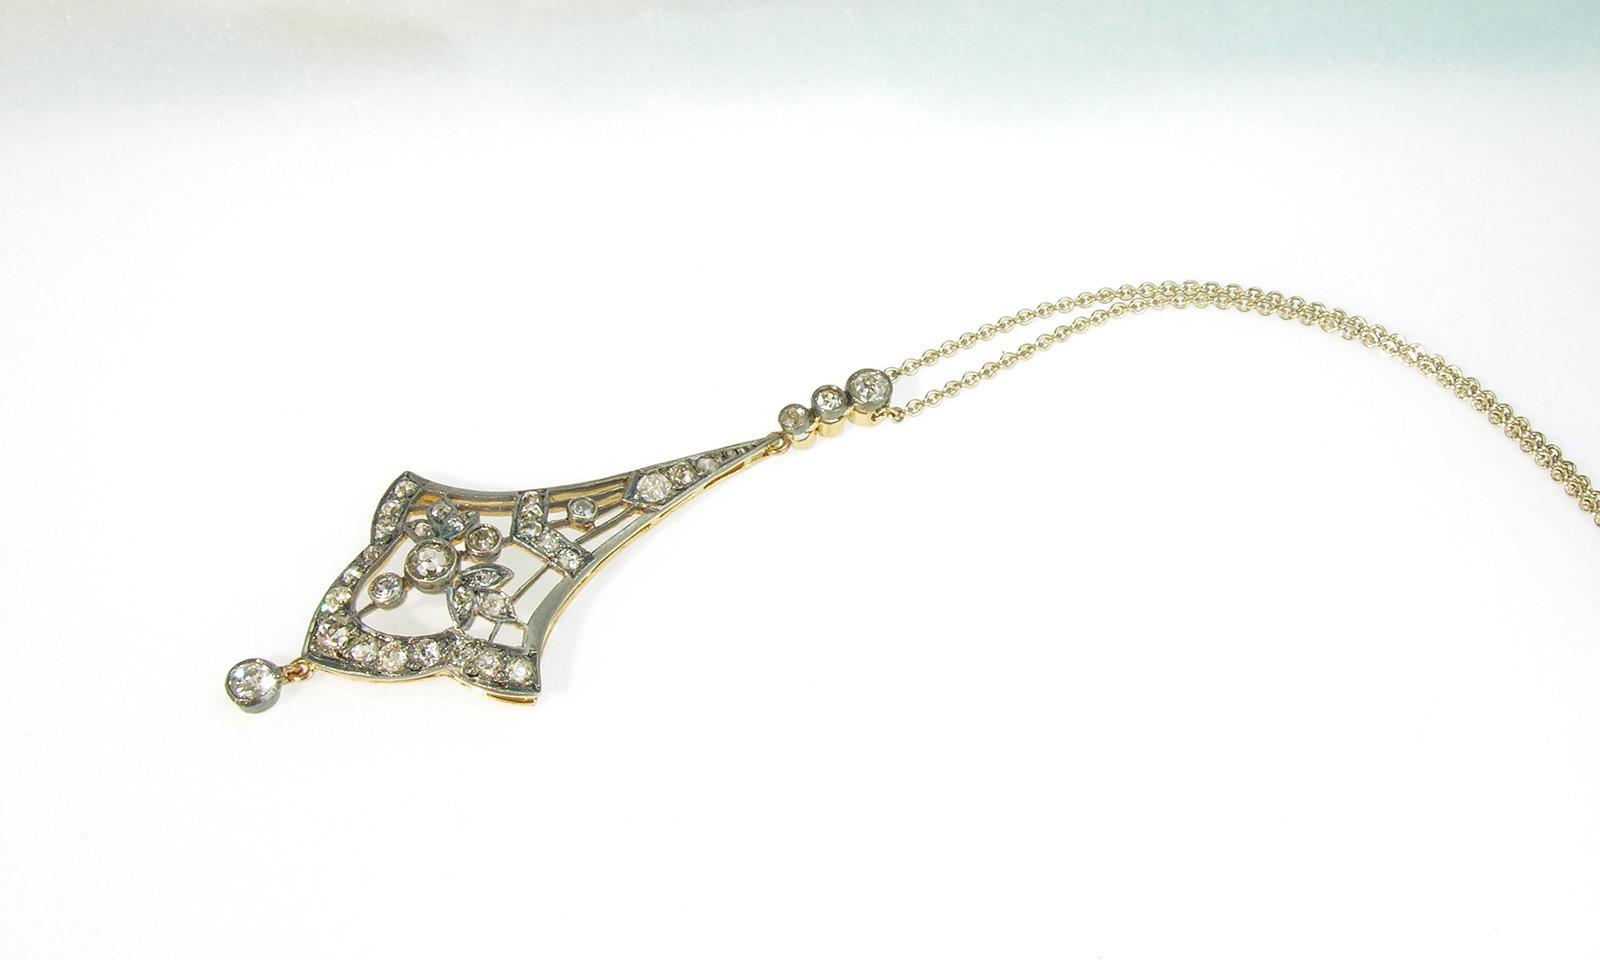 Anhaenger Jugendstil Silber. Anhänger Jugendstil, Silber auf Gelbgold 750 mit Diamanten, an Kette Weissgold 750, CHF 4800.-